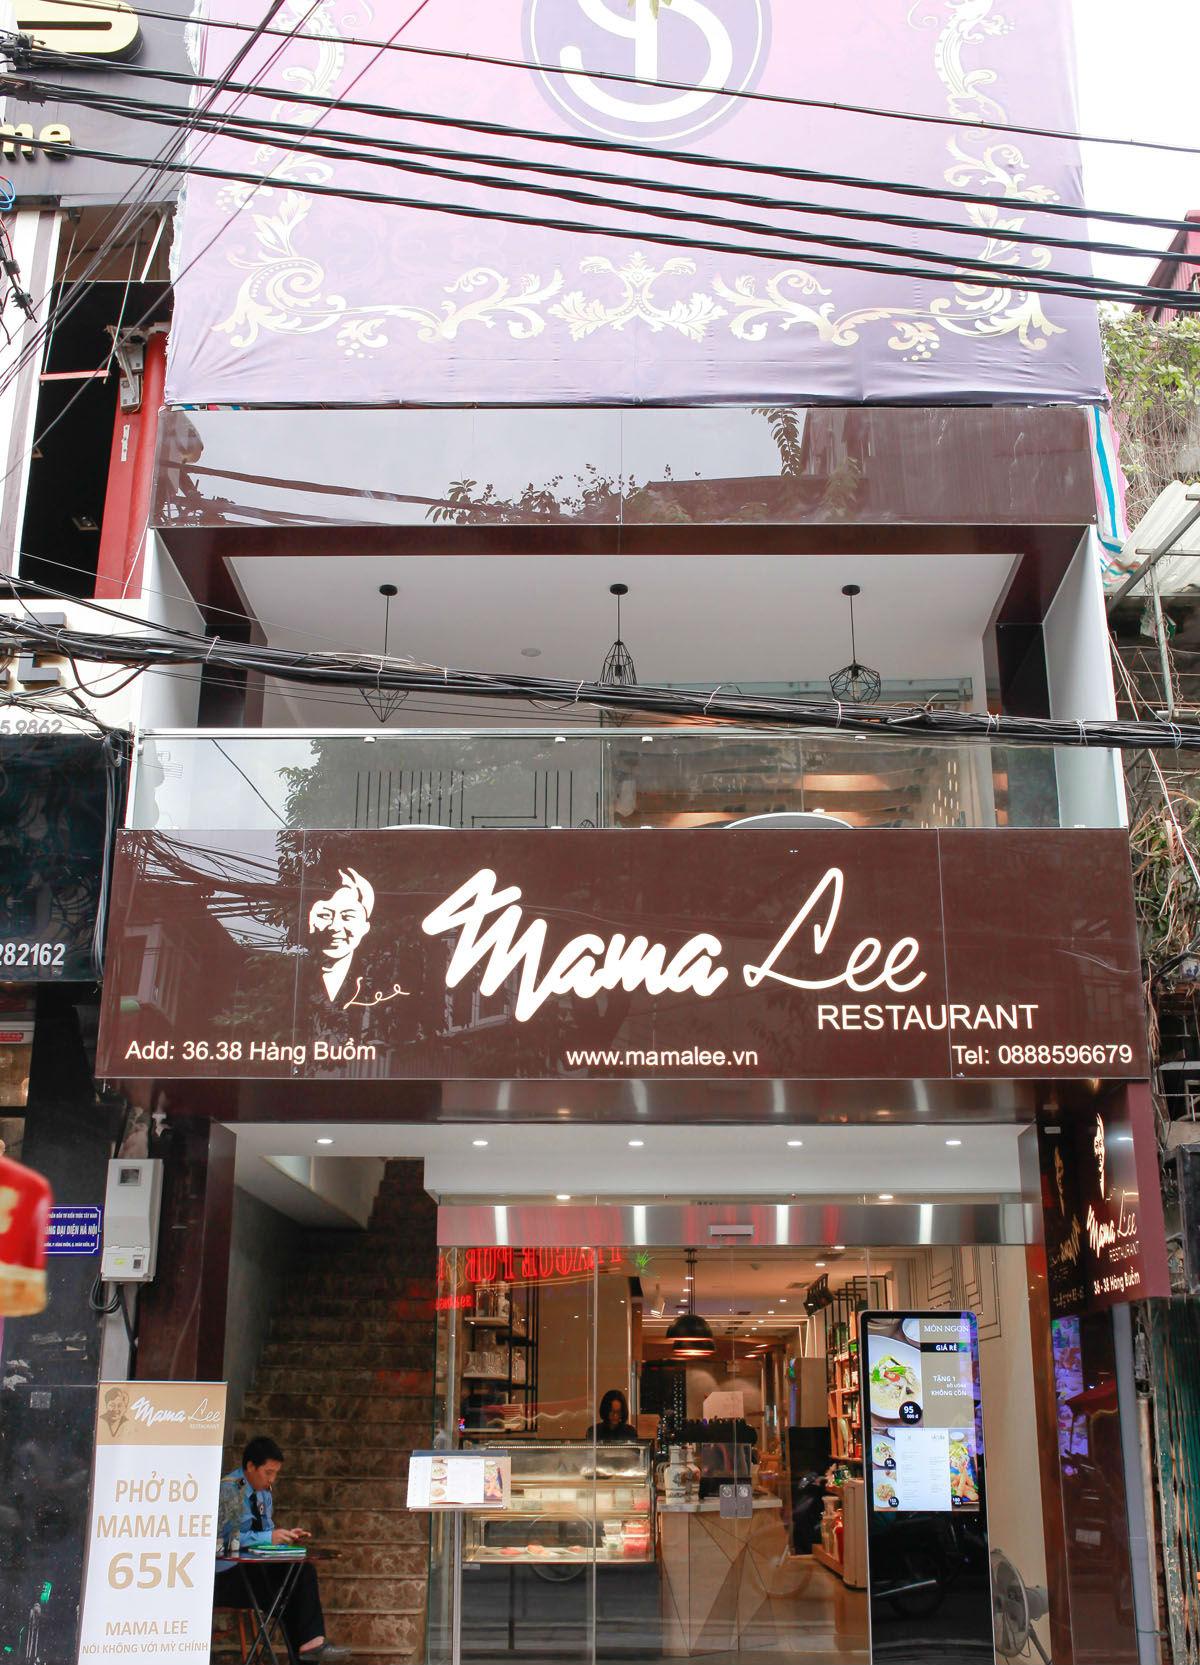 địa chỉ quán MamaLee